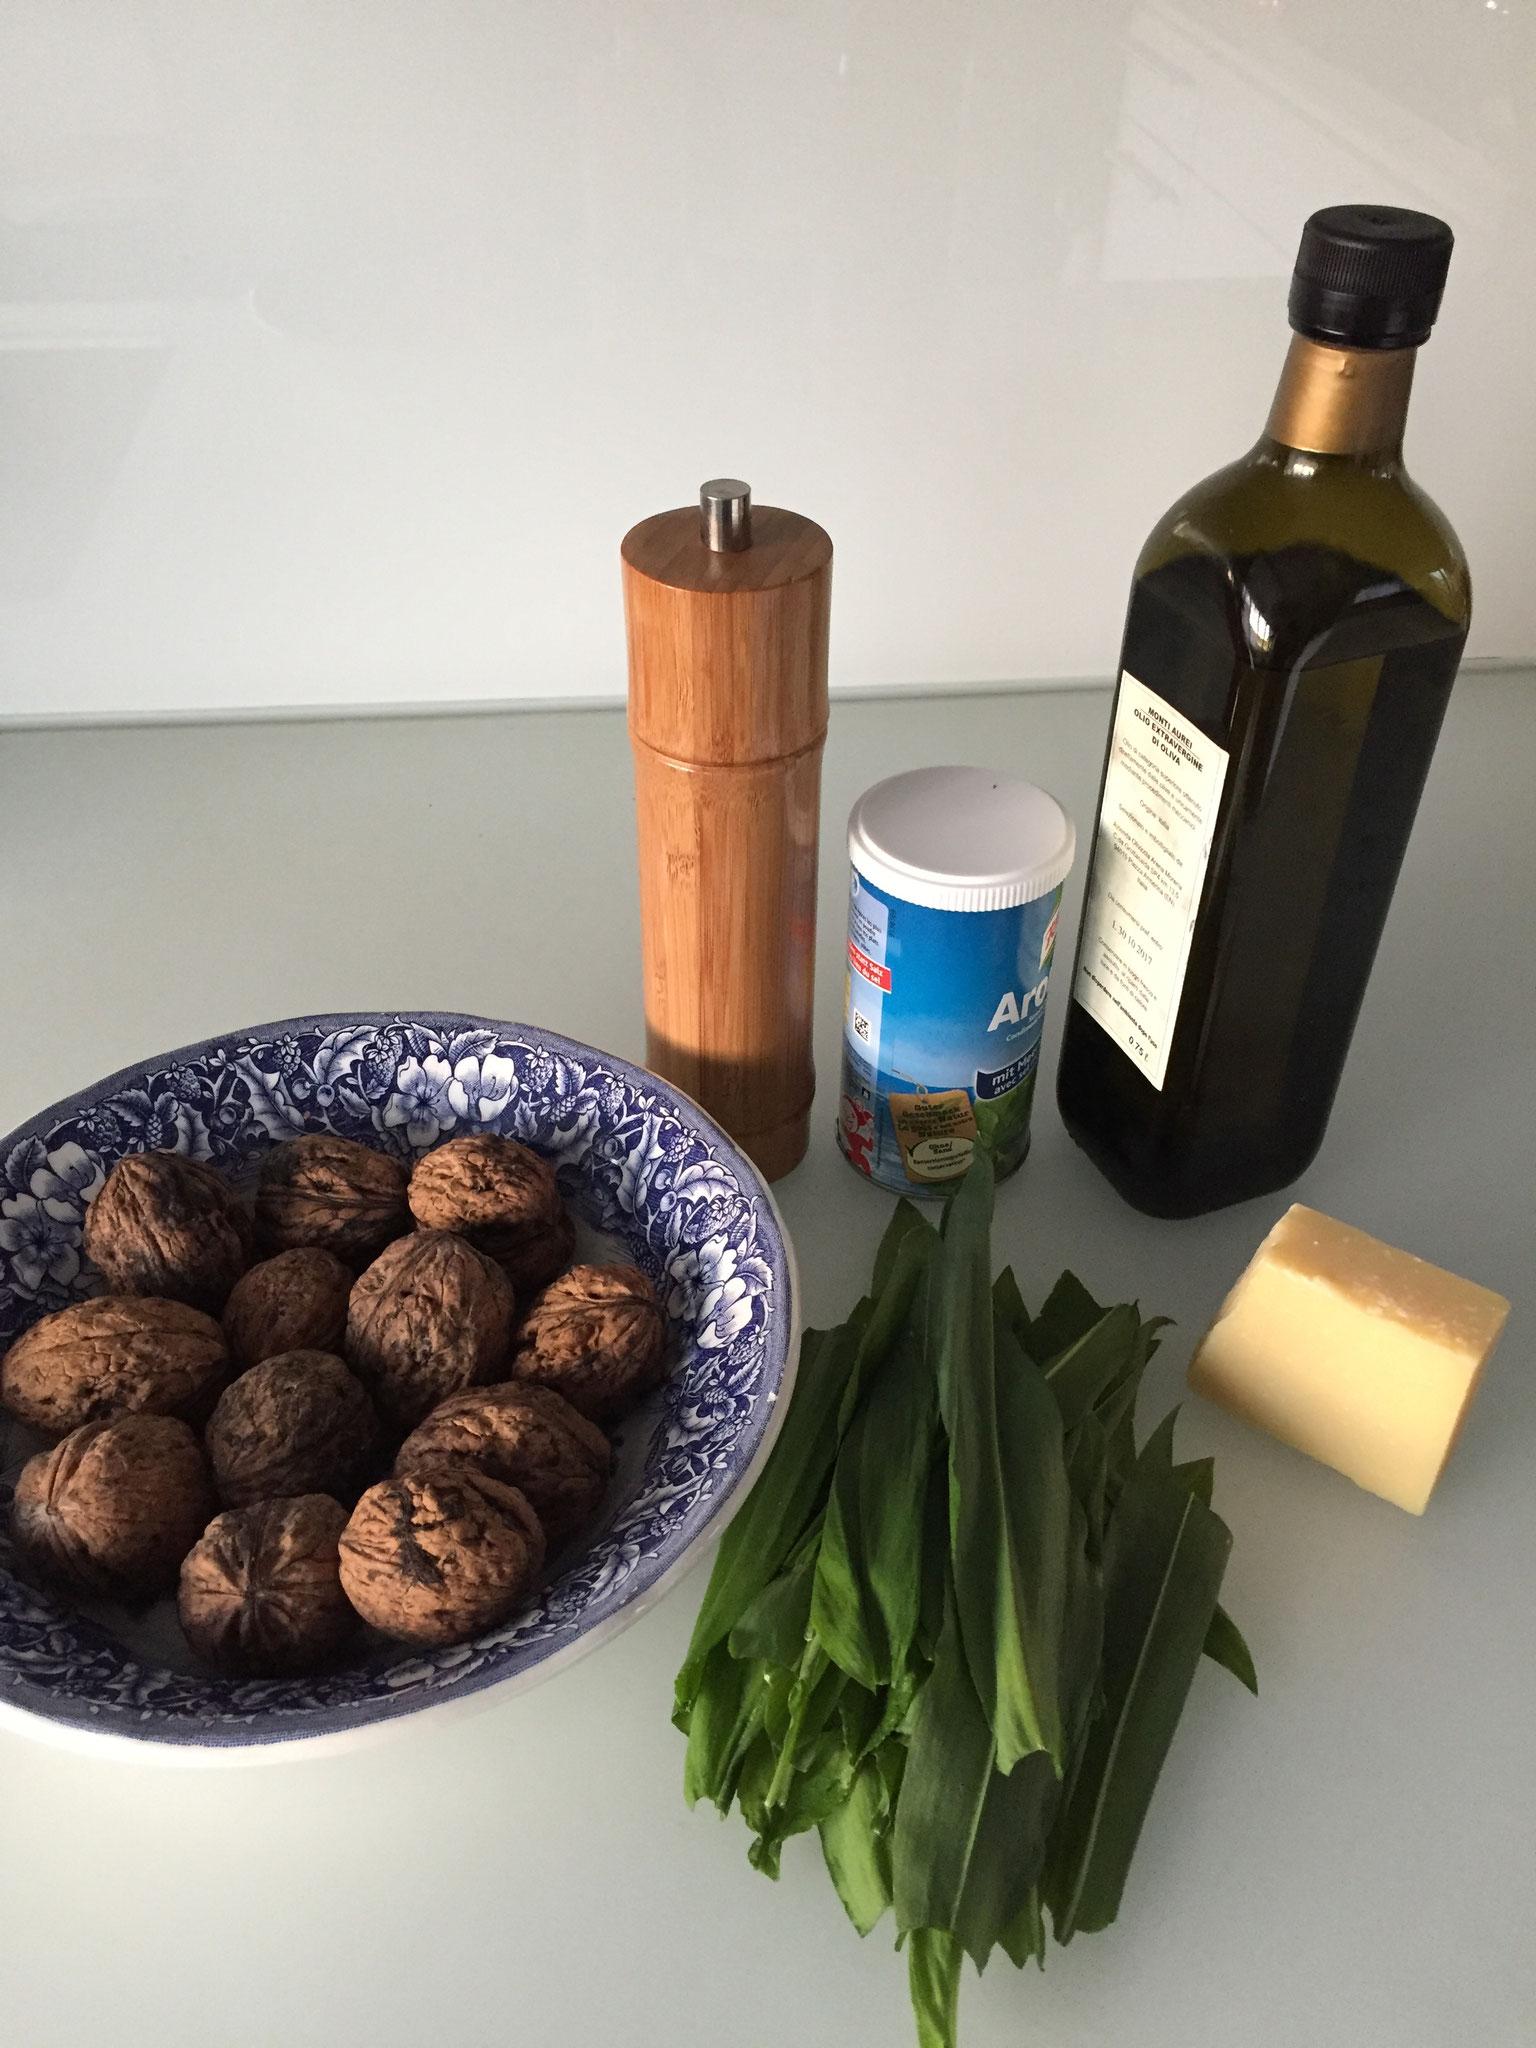 Dann brauchst du Olivenöl, Käse, Streuwürze, Pfeffer, Baum Nüsse oder Pinien Kerne.